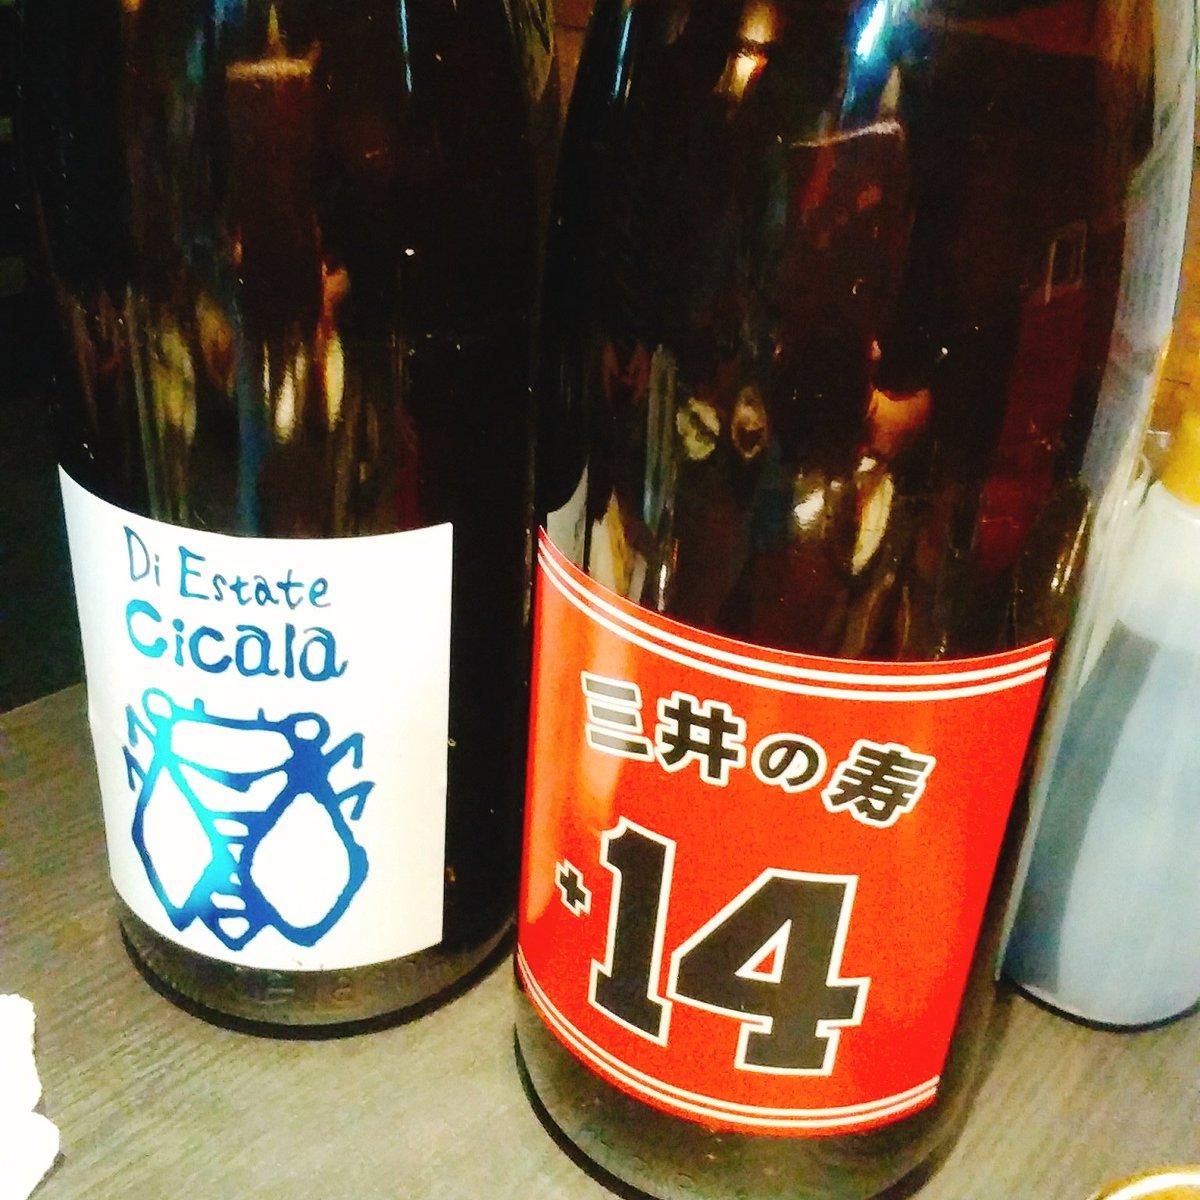 test ツイッターメディア - この前同級生と会ったとき、たまたま誕生日の話になったことで今日誕生日会をしてもらった。「一番好きなお酒なに?」て聞かれたから日本酒だよって言ったらサイコーの店に連れていかれた https://t.co/jNcSoU8dKd